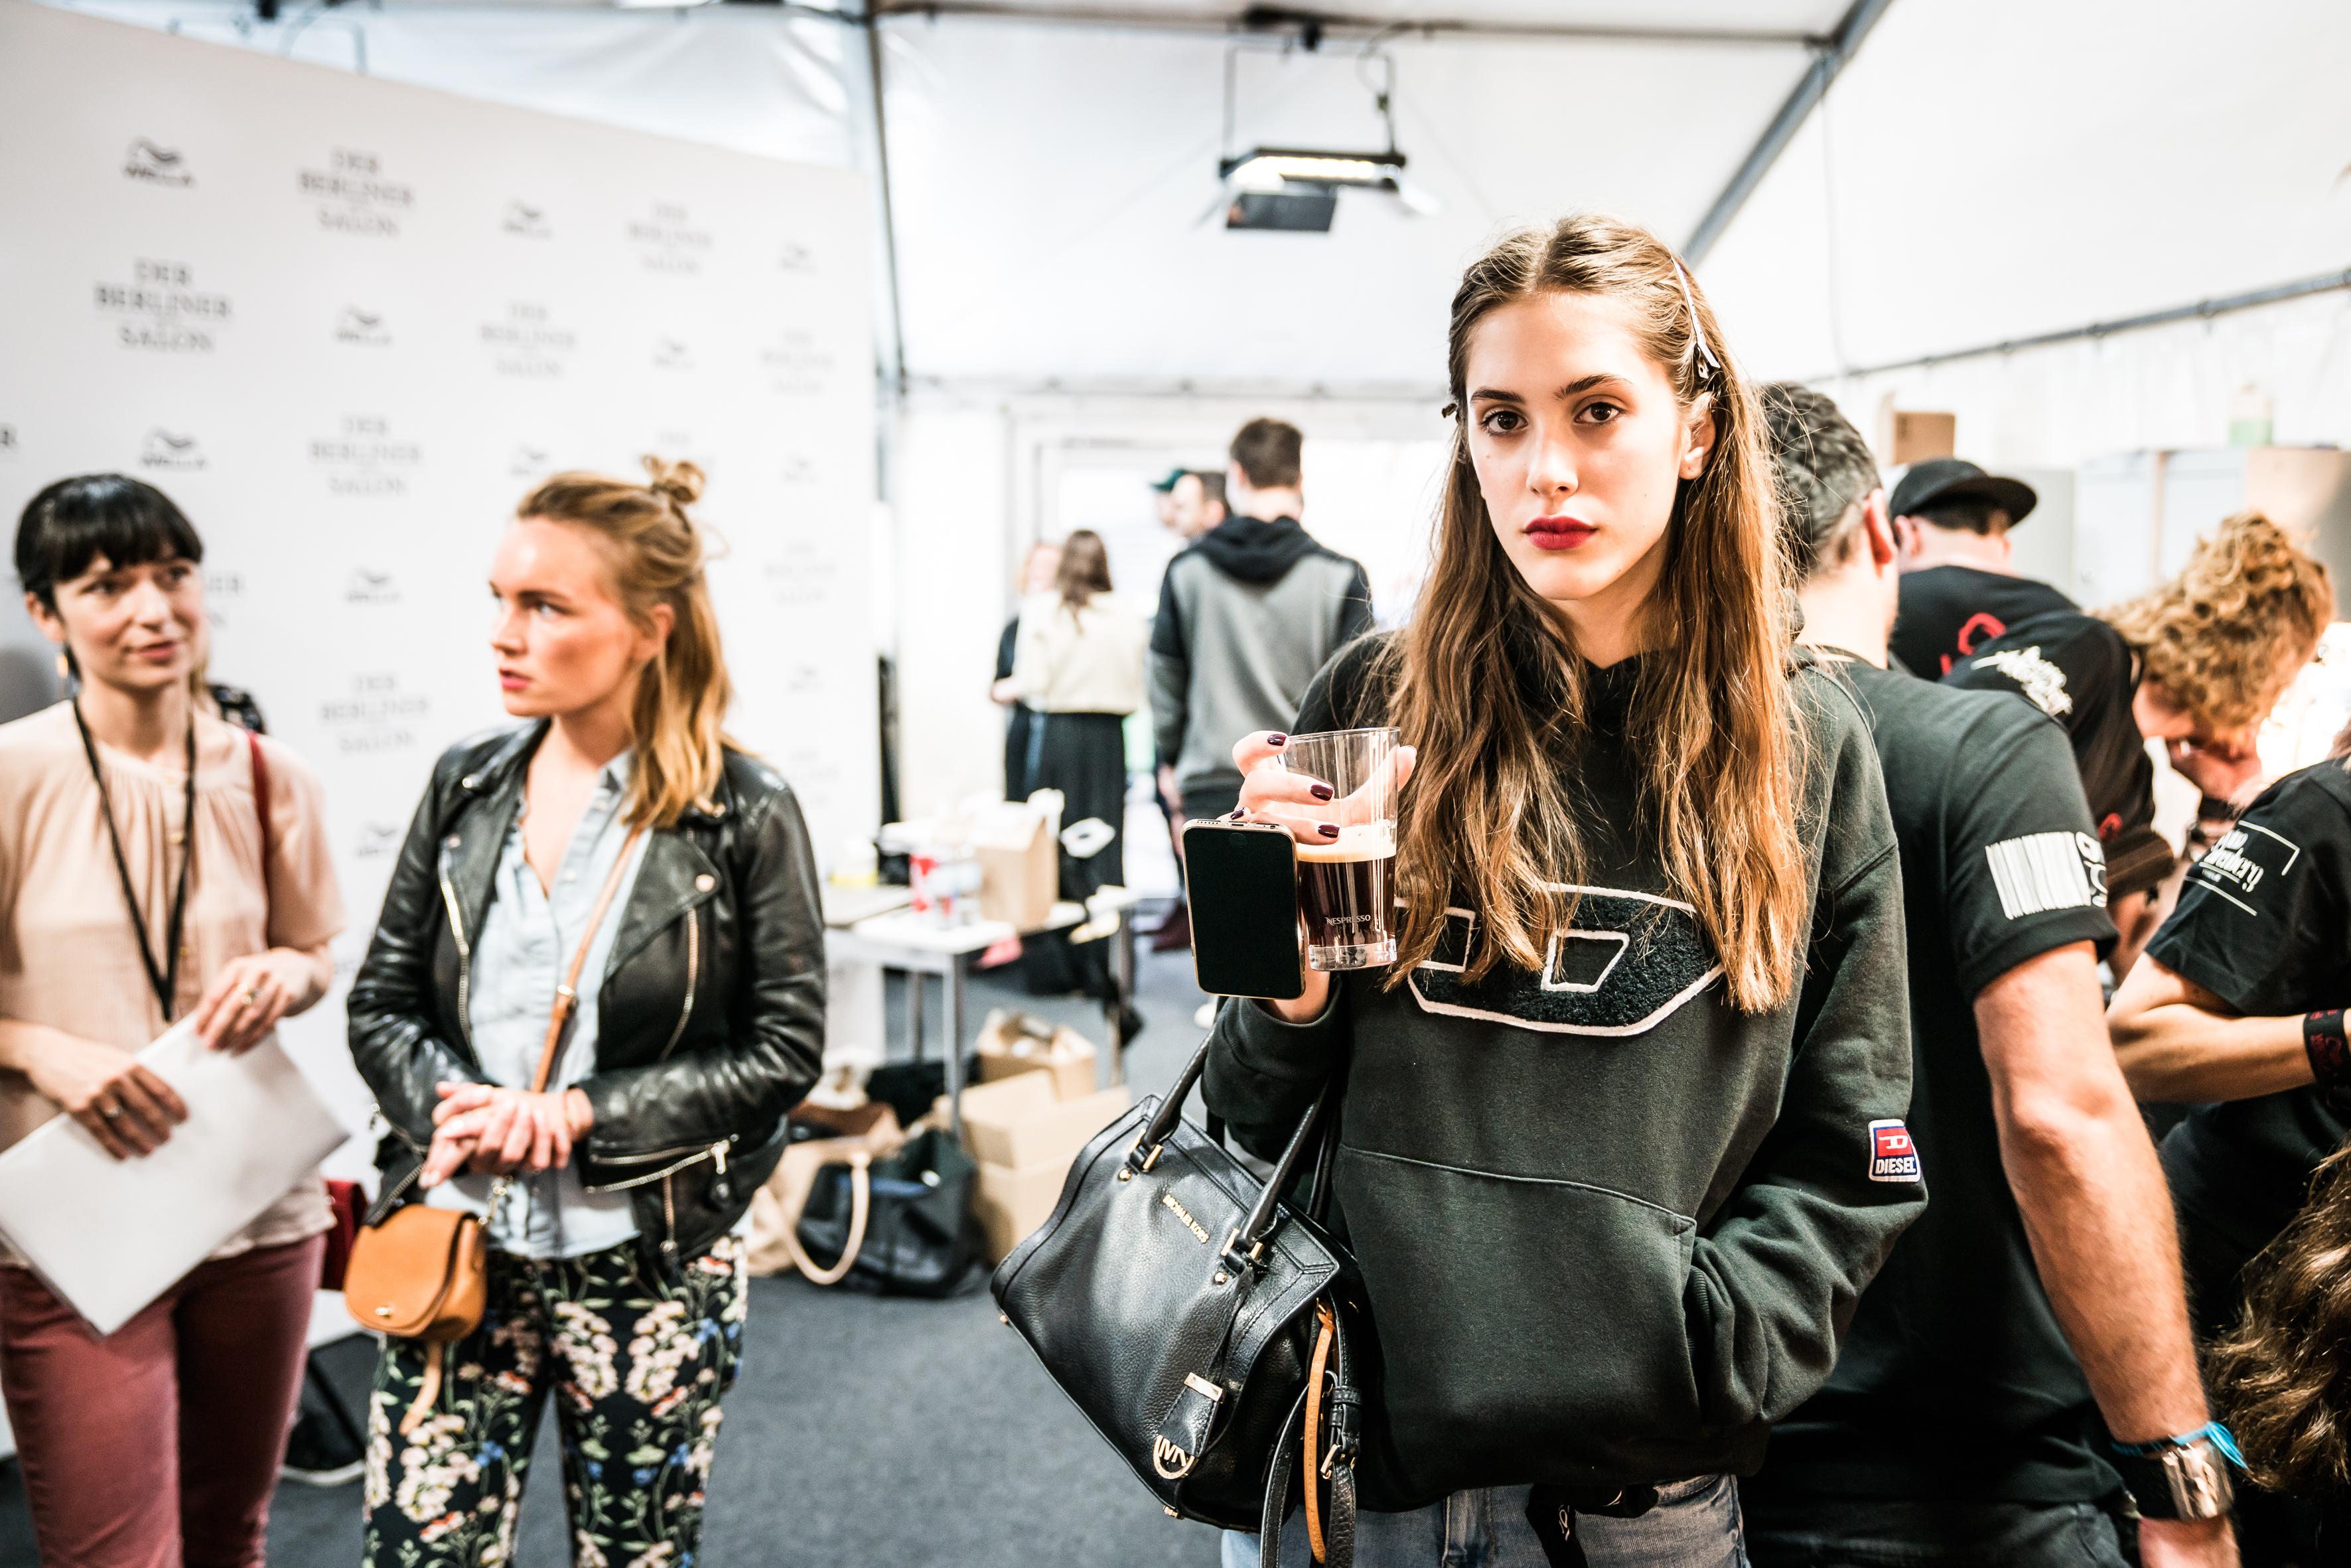 Nespresso_Gruppenausstellung DBMS Juli 2017_Backstage (2)